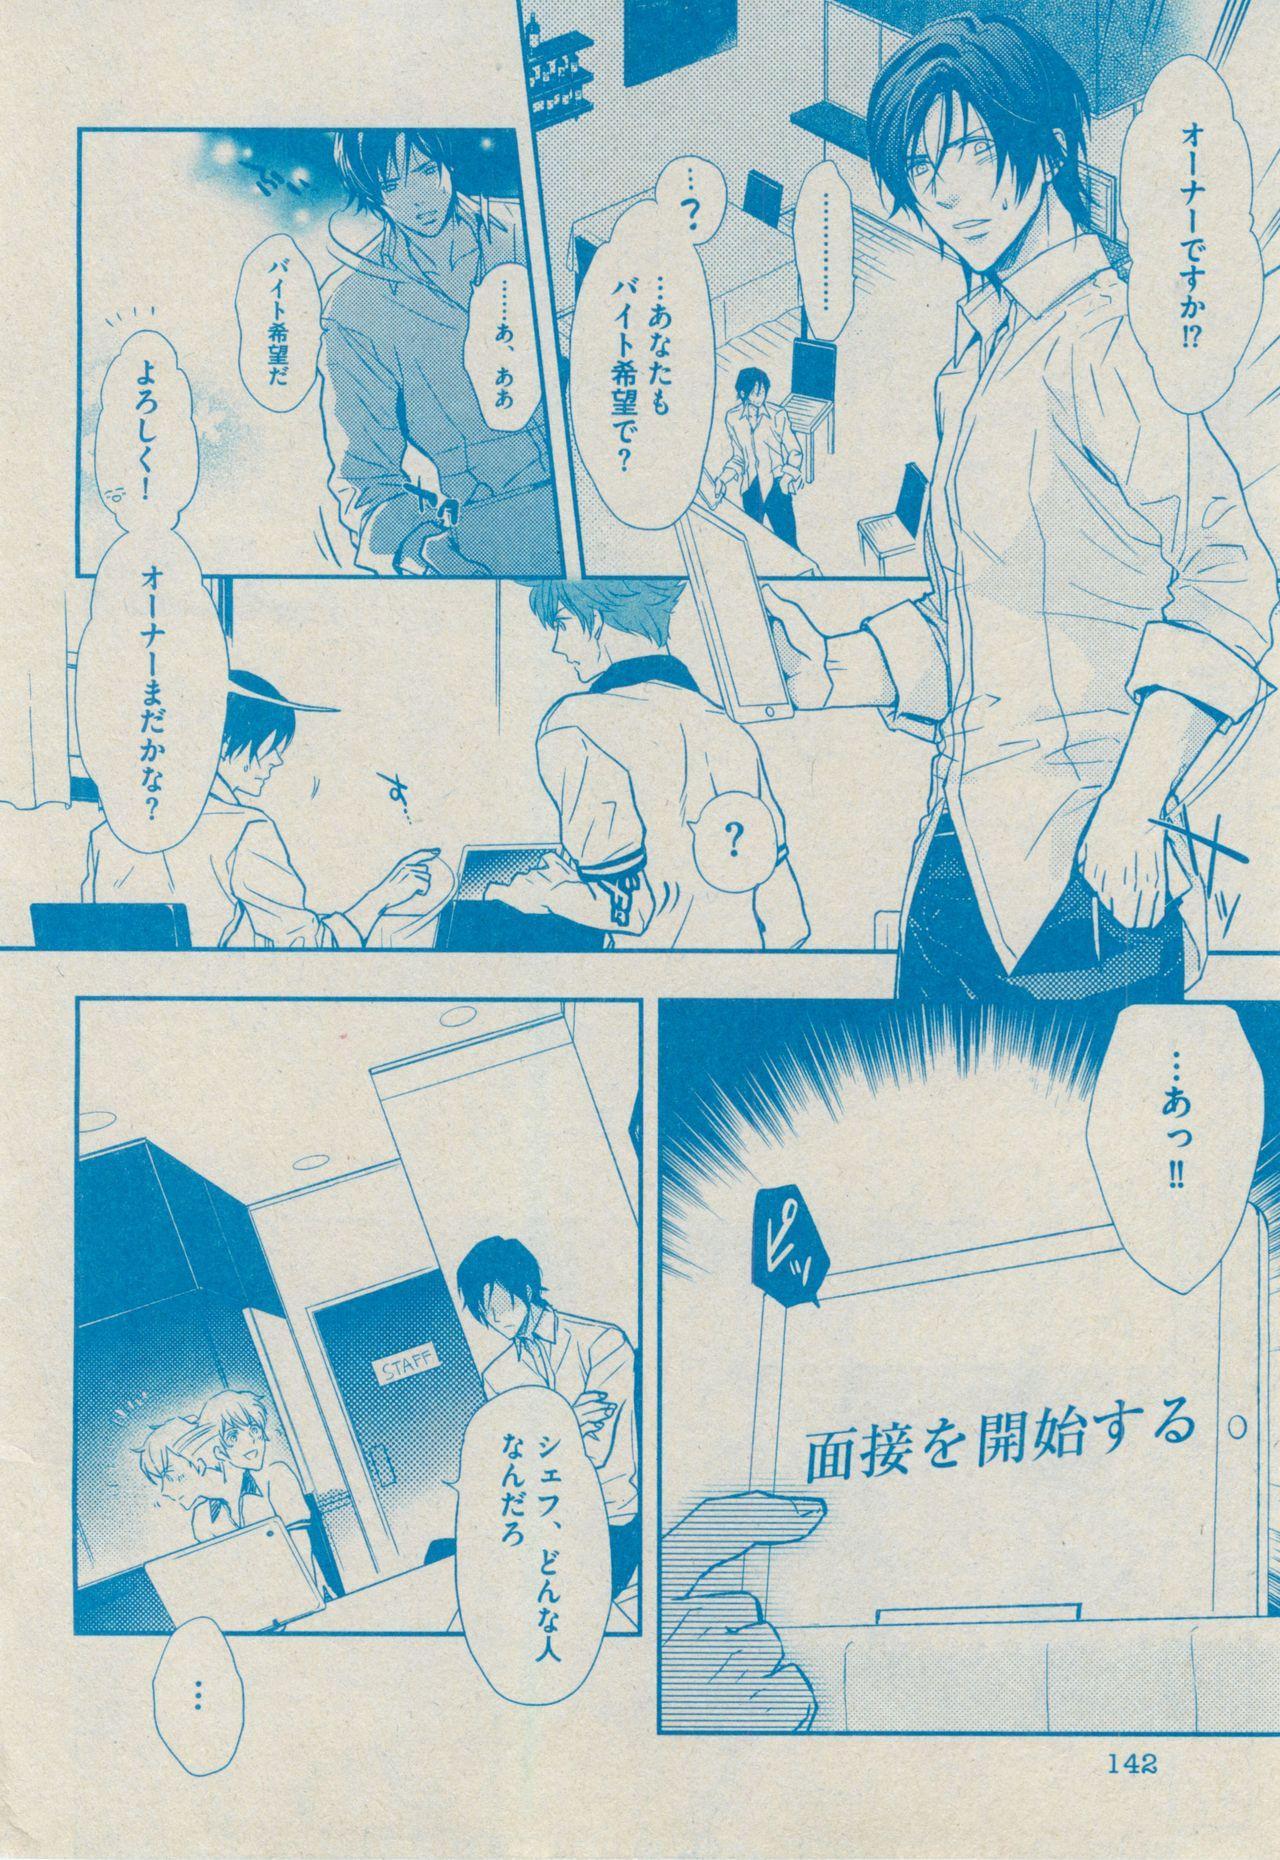 BOY'S ピアス 2014-09 141